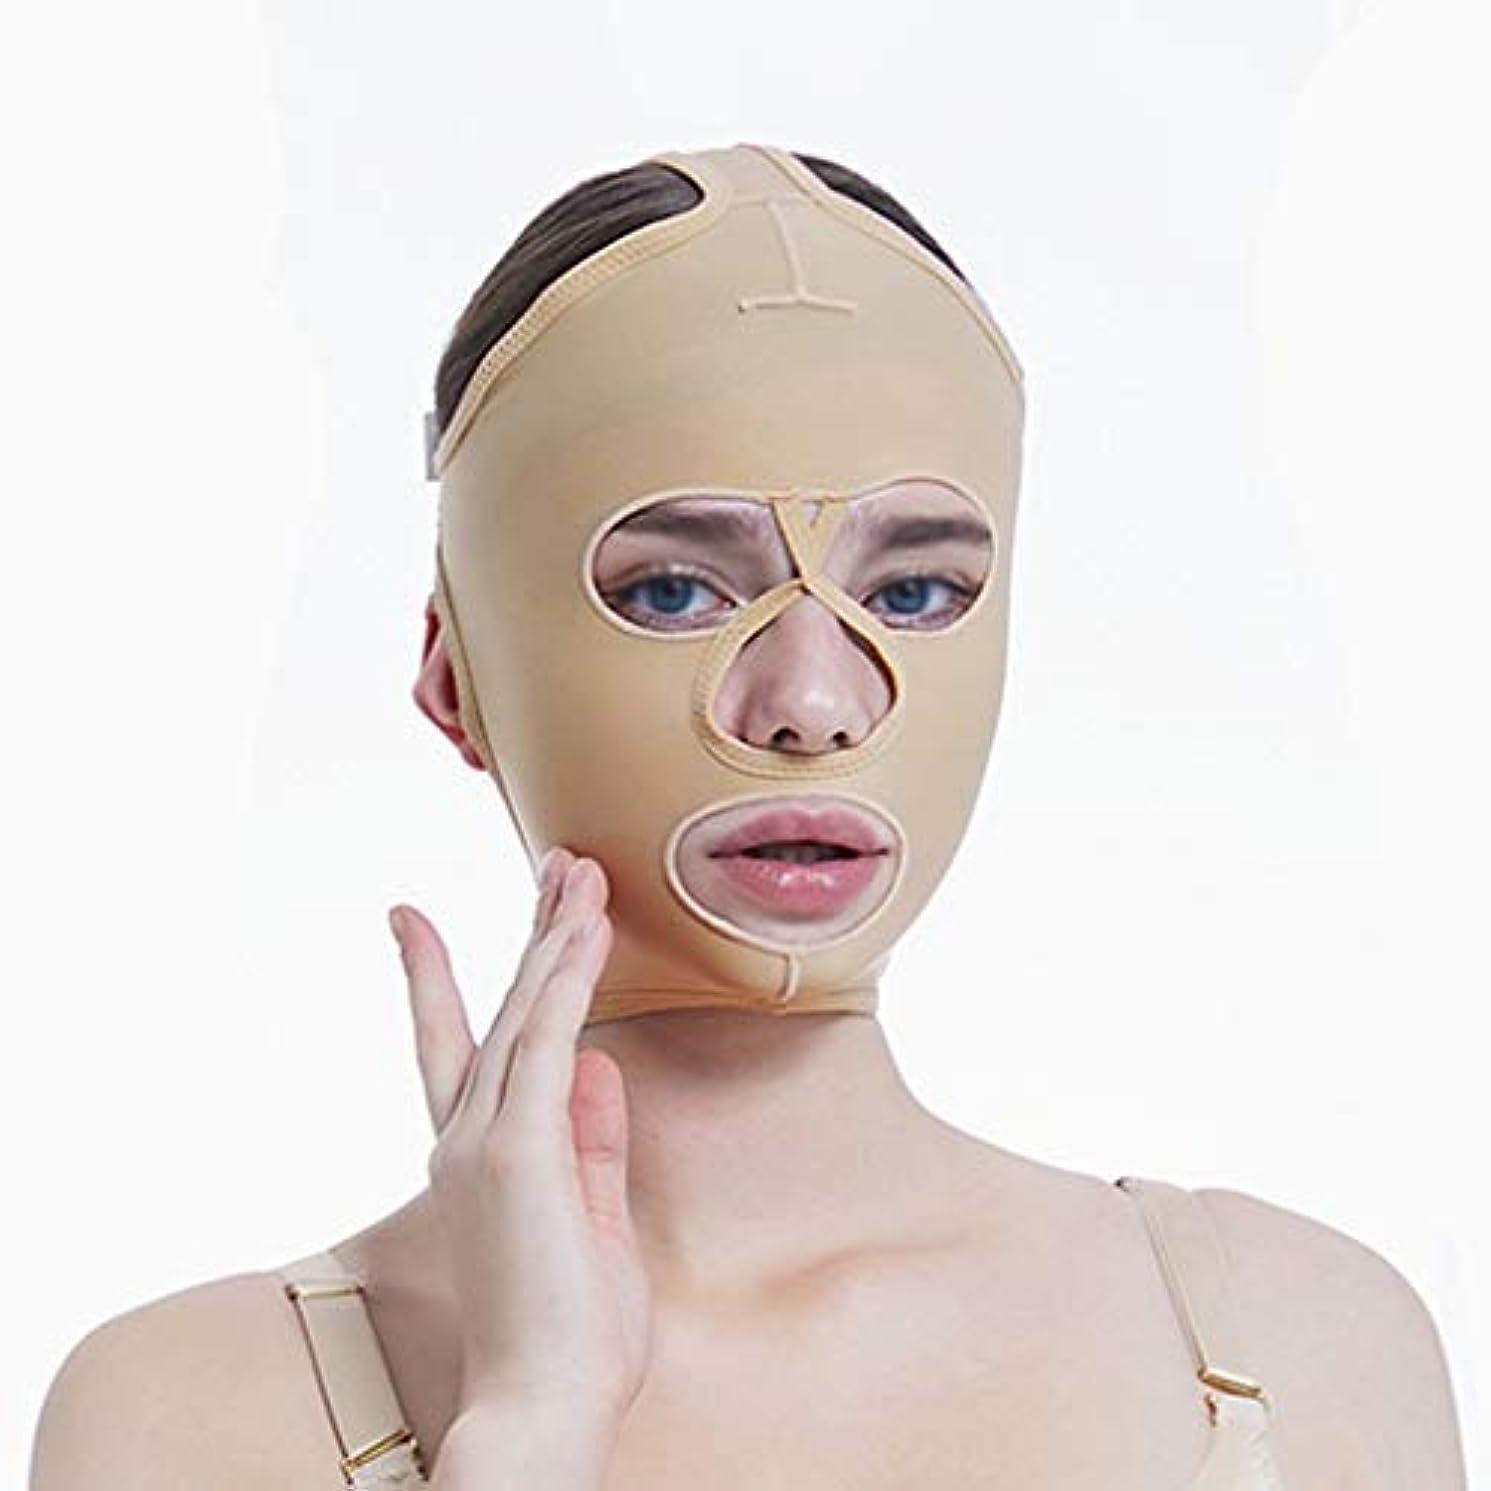 プリーツクレーンつかいますチンリフティングベルト、超薄型ベルト、ファーミングマスク、包帯吊り上げ、フェイスリフティングマスク、超薄型ベルト、通気性 (Size : S)